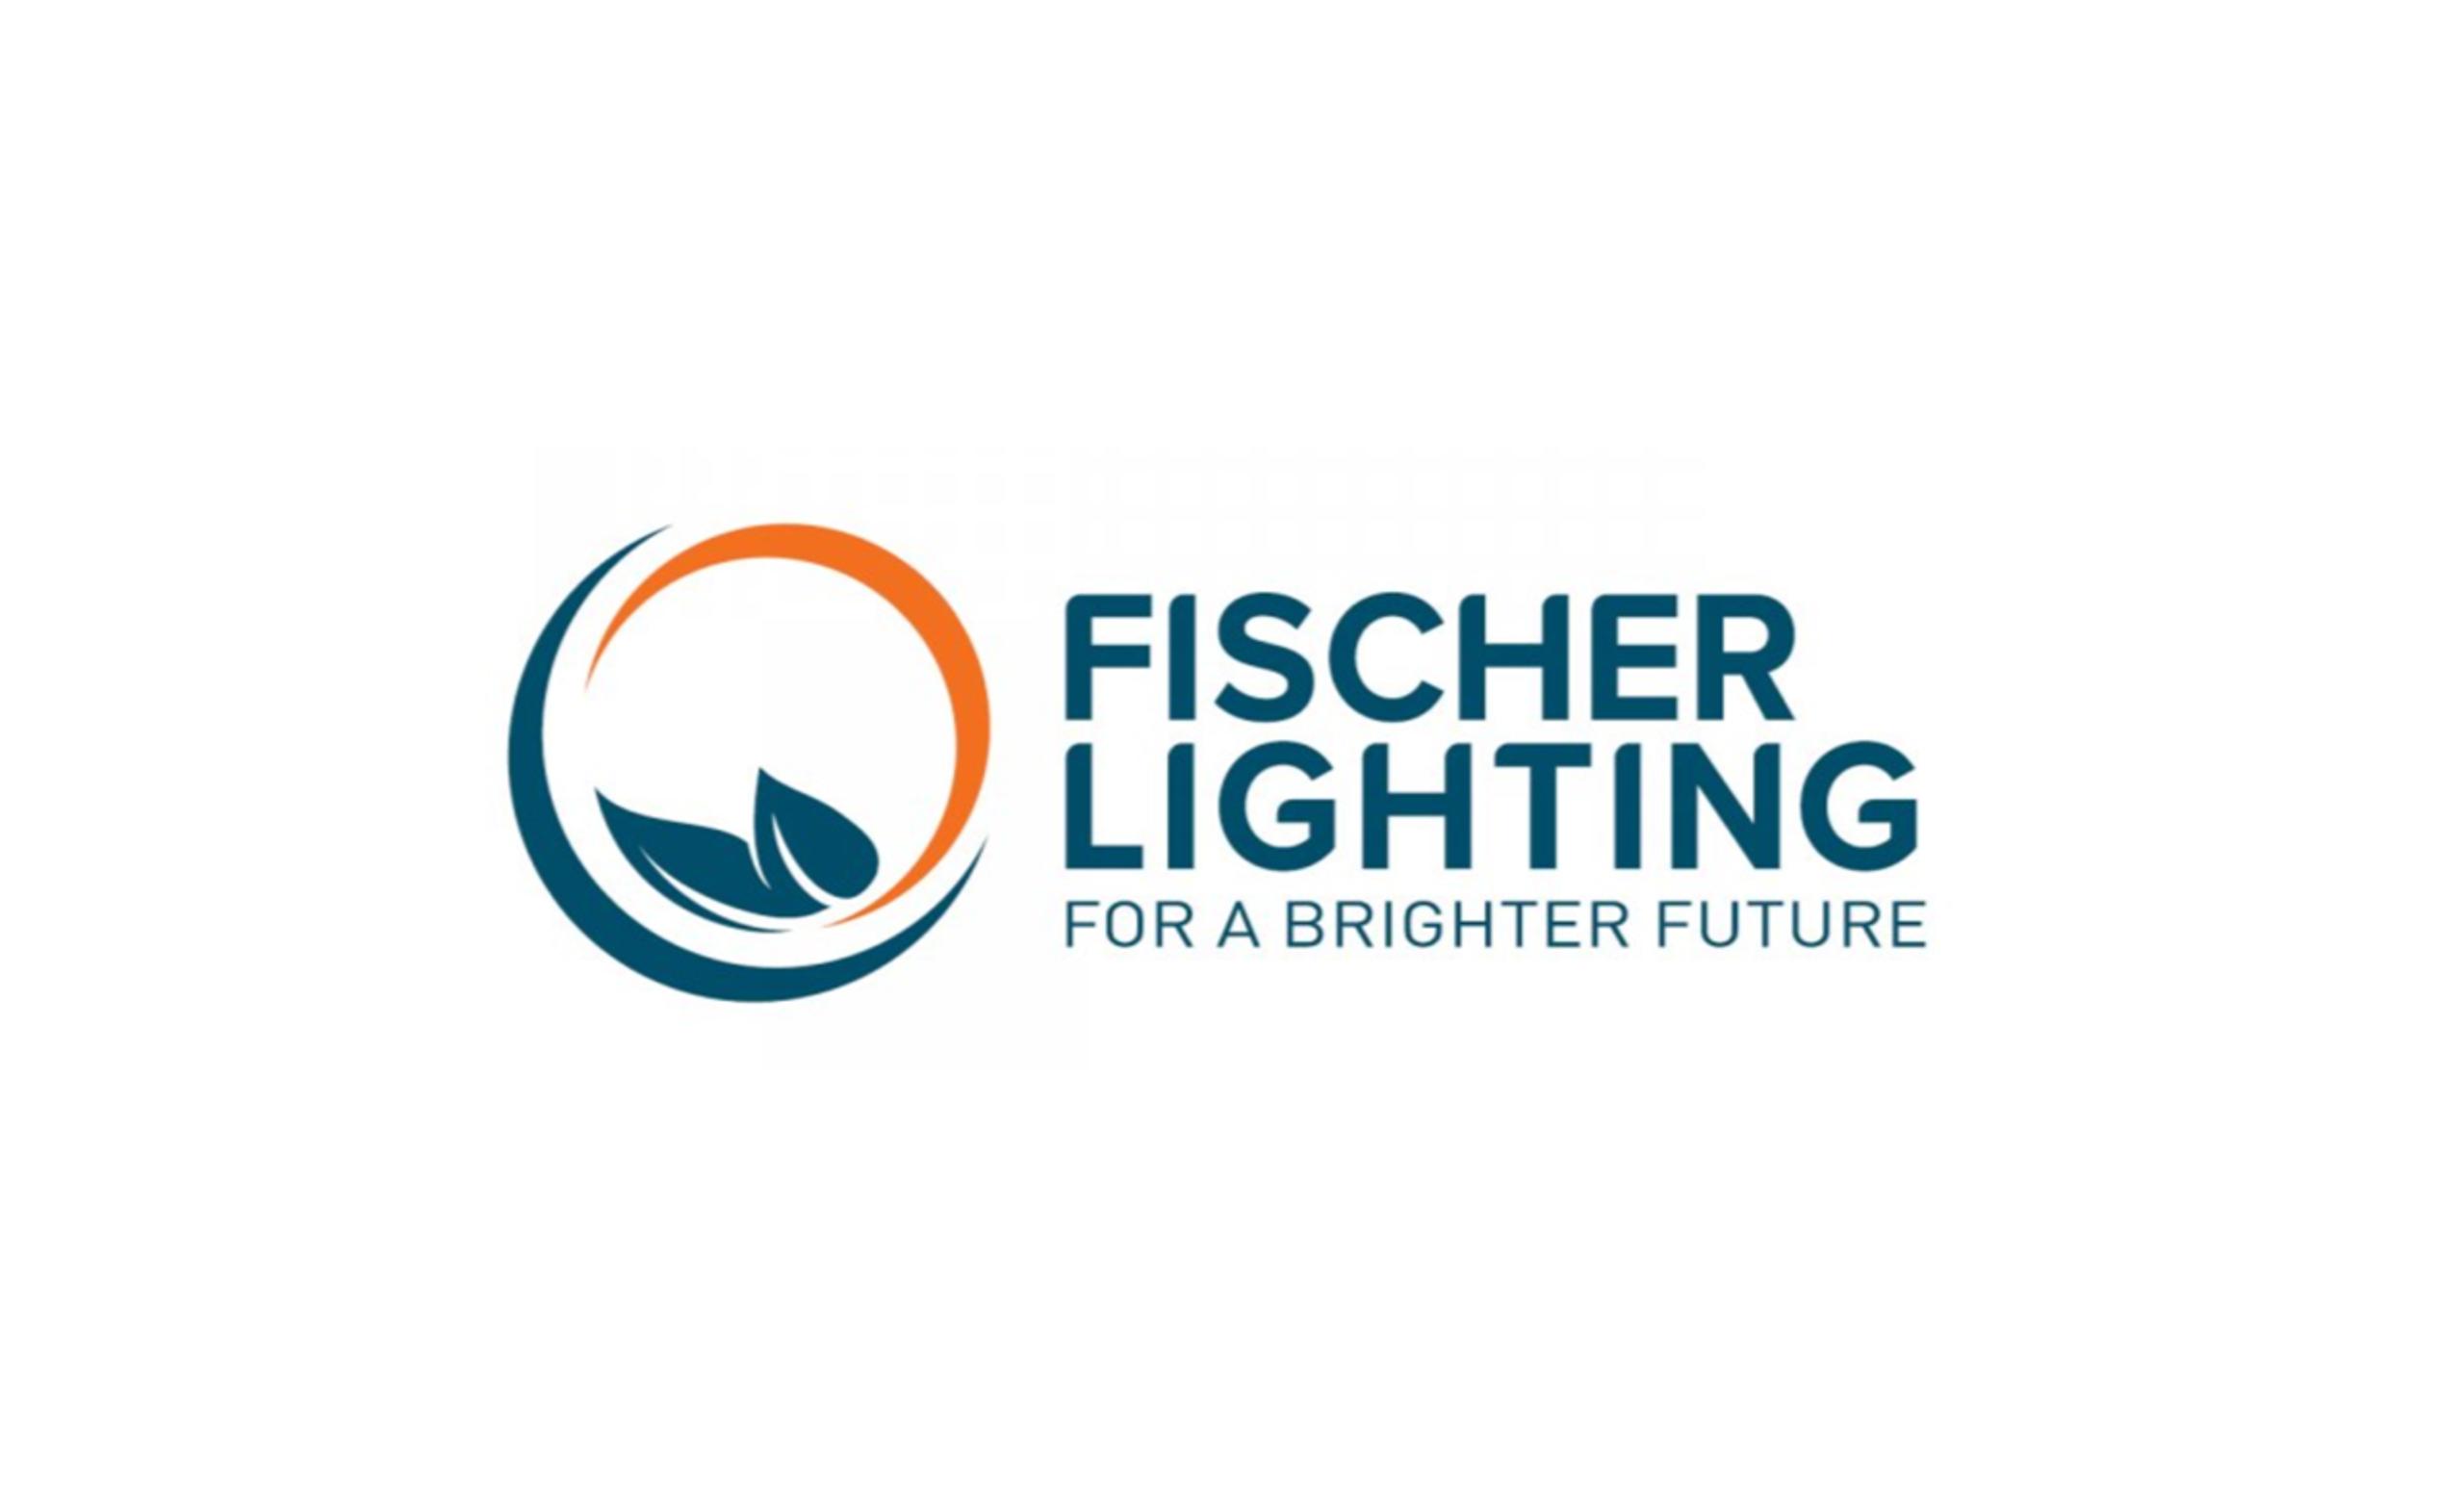 fischer lighting